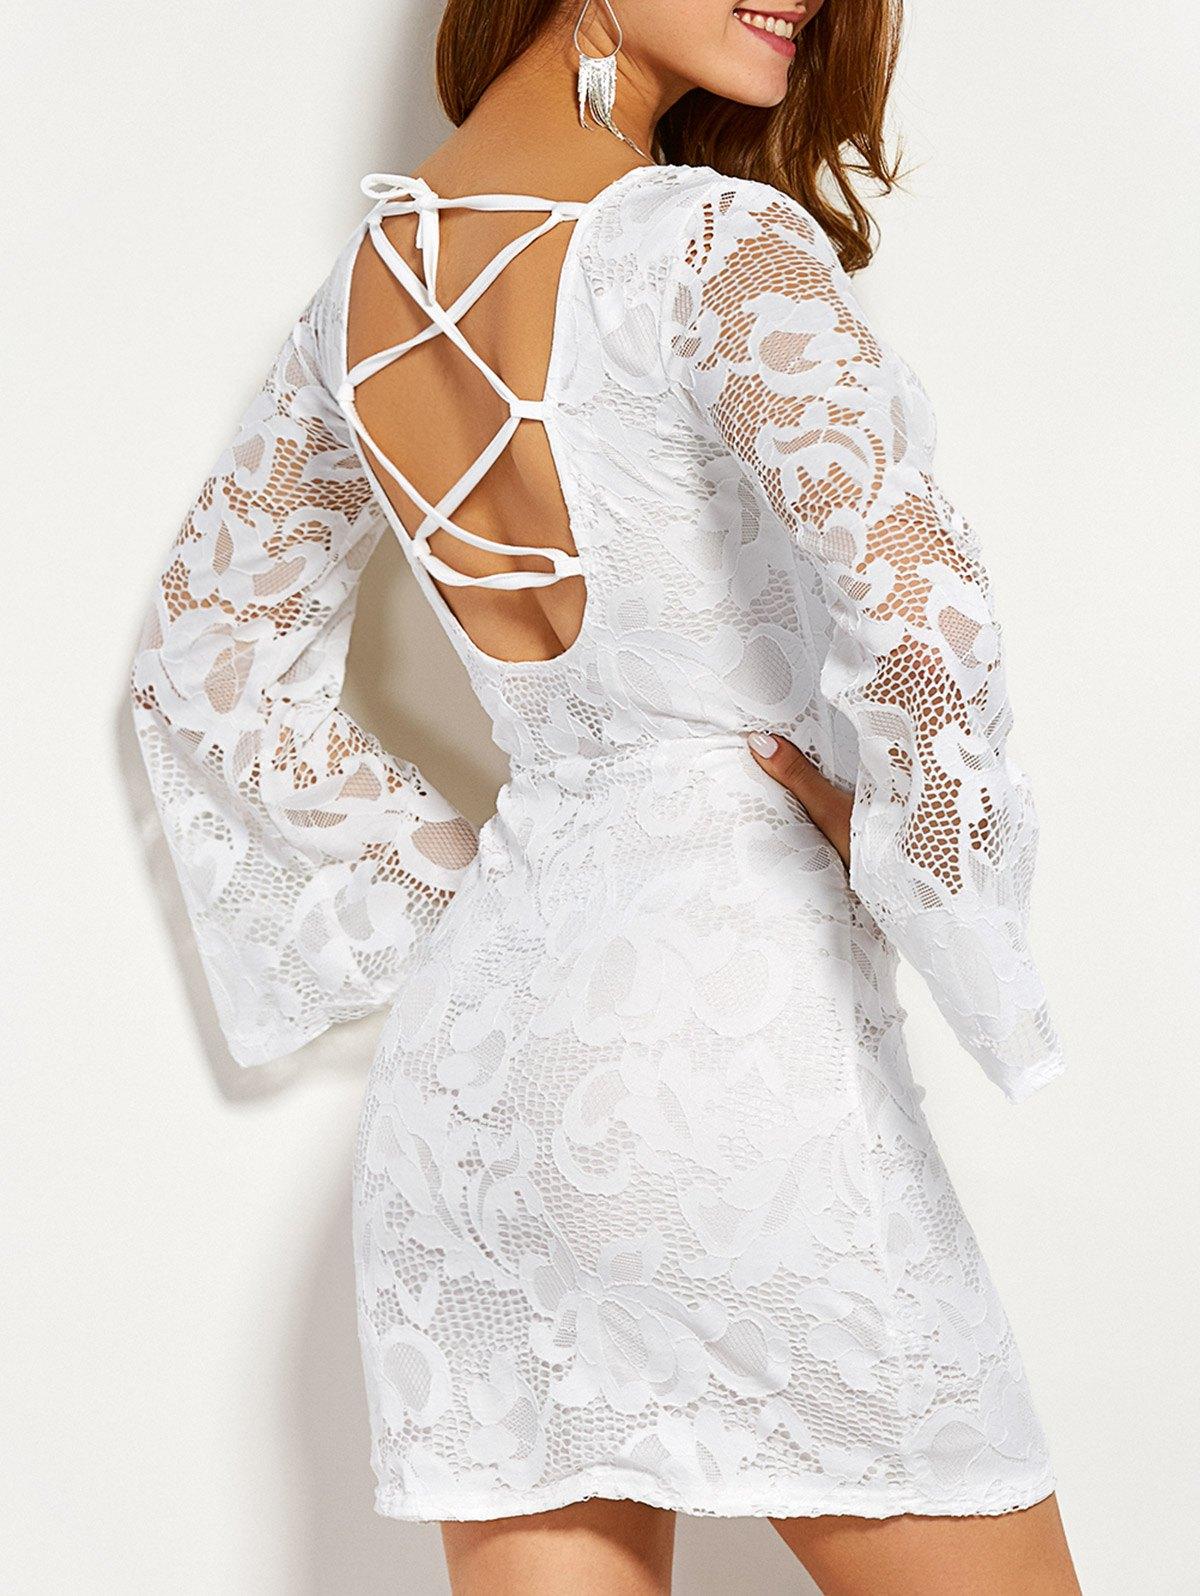 Long Sleeve Back Lace Up Dress